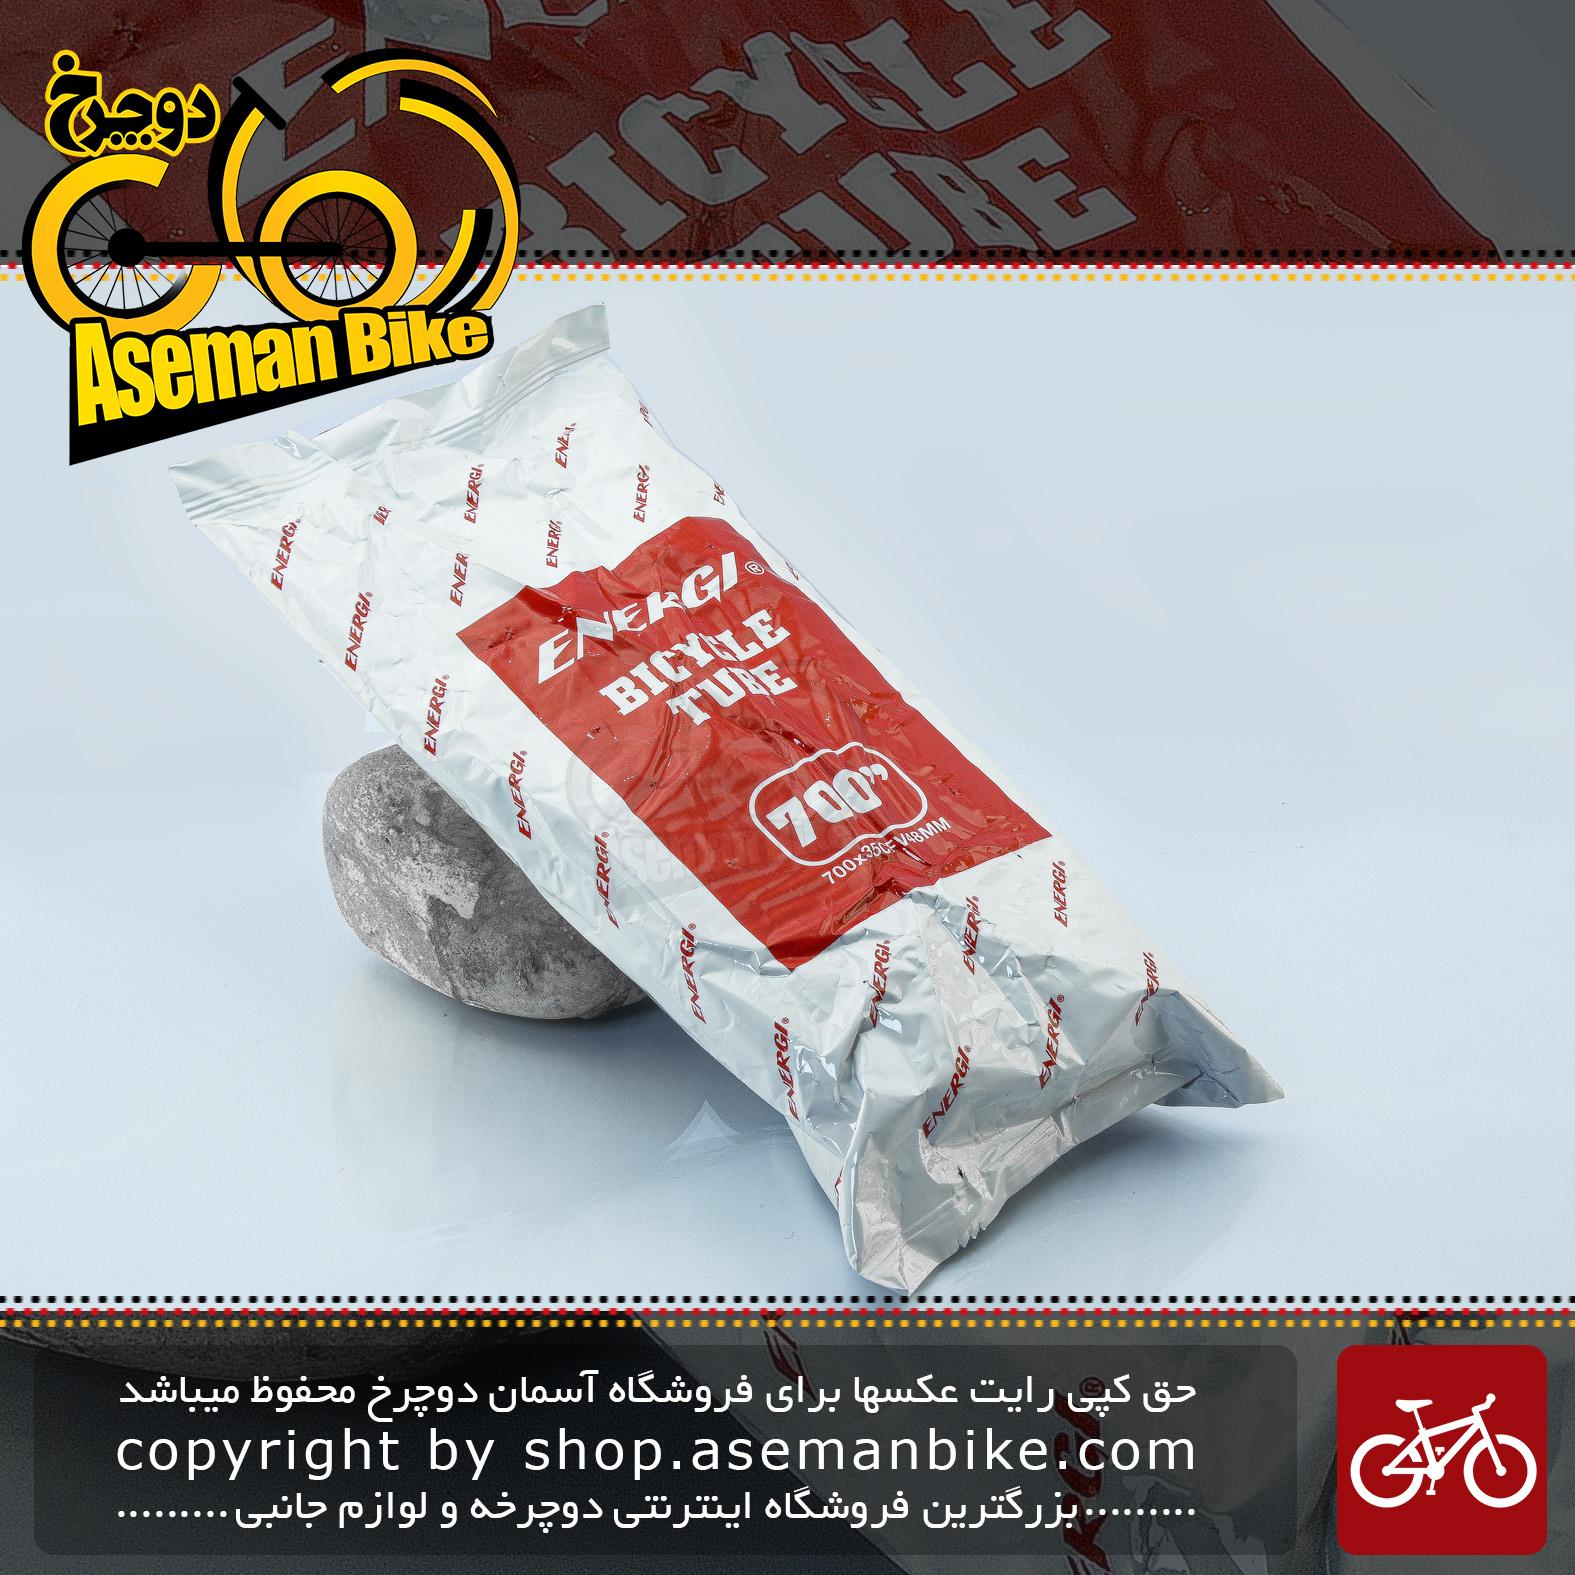 تیوب دوچرخه برند انرژی سایز 700 والف فرنچ Bicycle Tube ENERGI Size 700x35